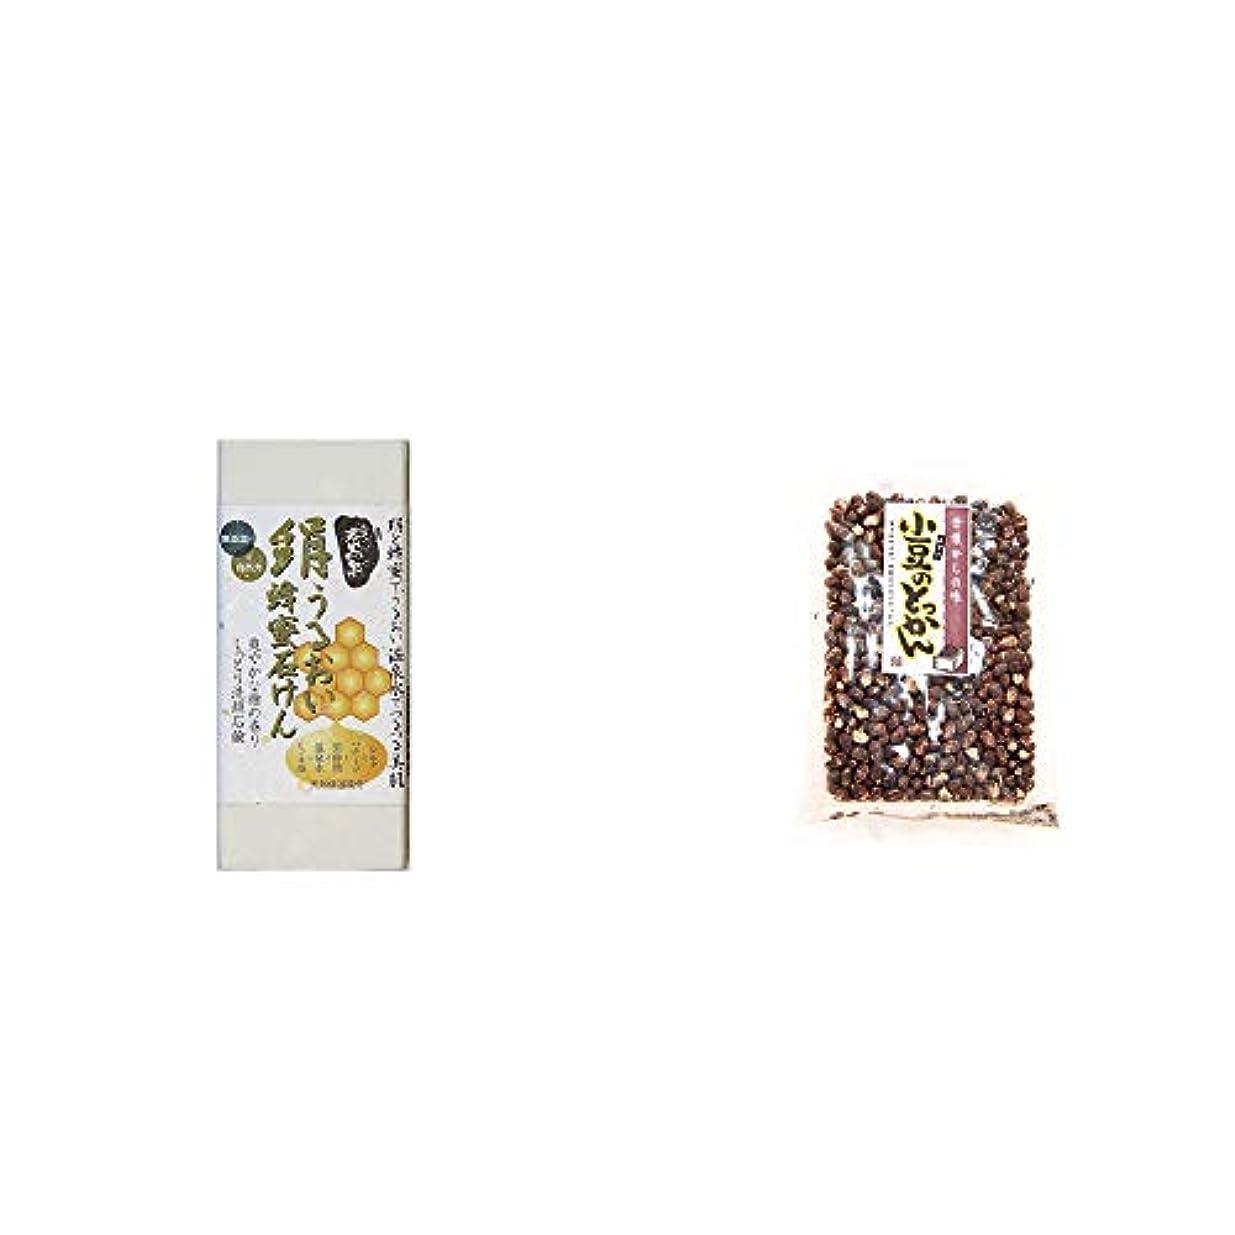 シャーク憲法六分儀[2点セット] ひのき炭黒泉 絹うるおい蜂蜜石けん(75g×2)?小豆のとっかん(150g)